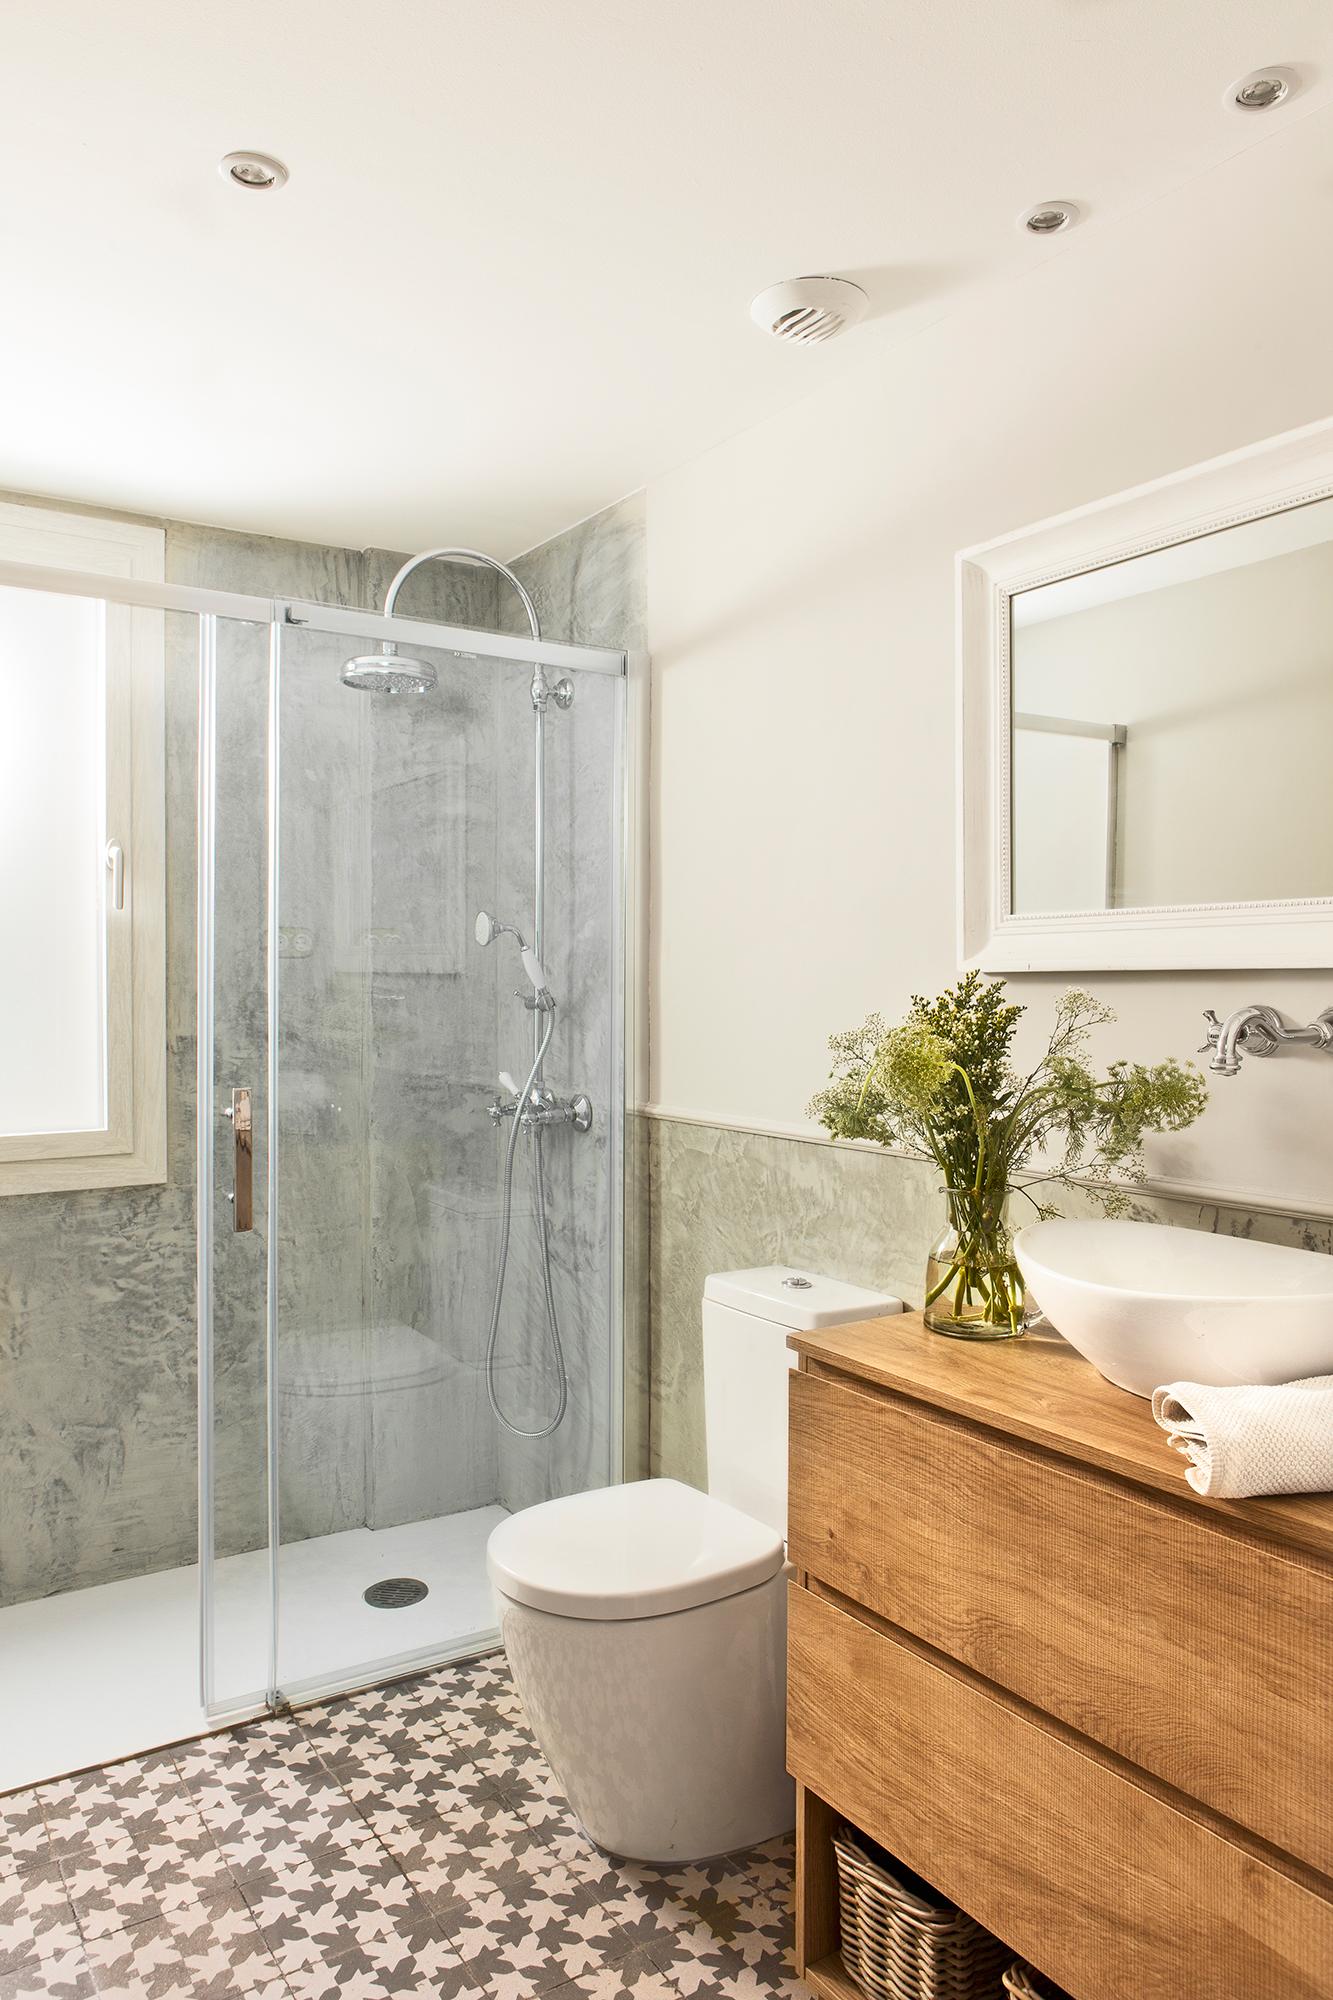 Sanitarios claves para elegir el lavamanos y el inodoro - Puertas para el bano ...